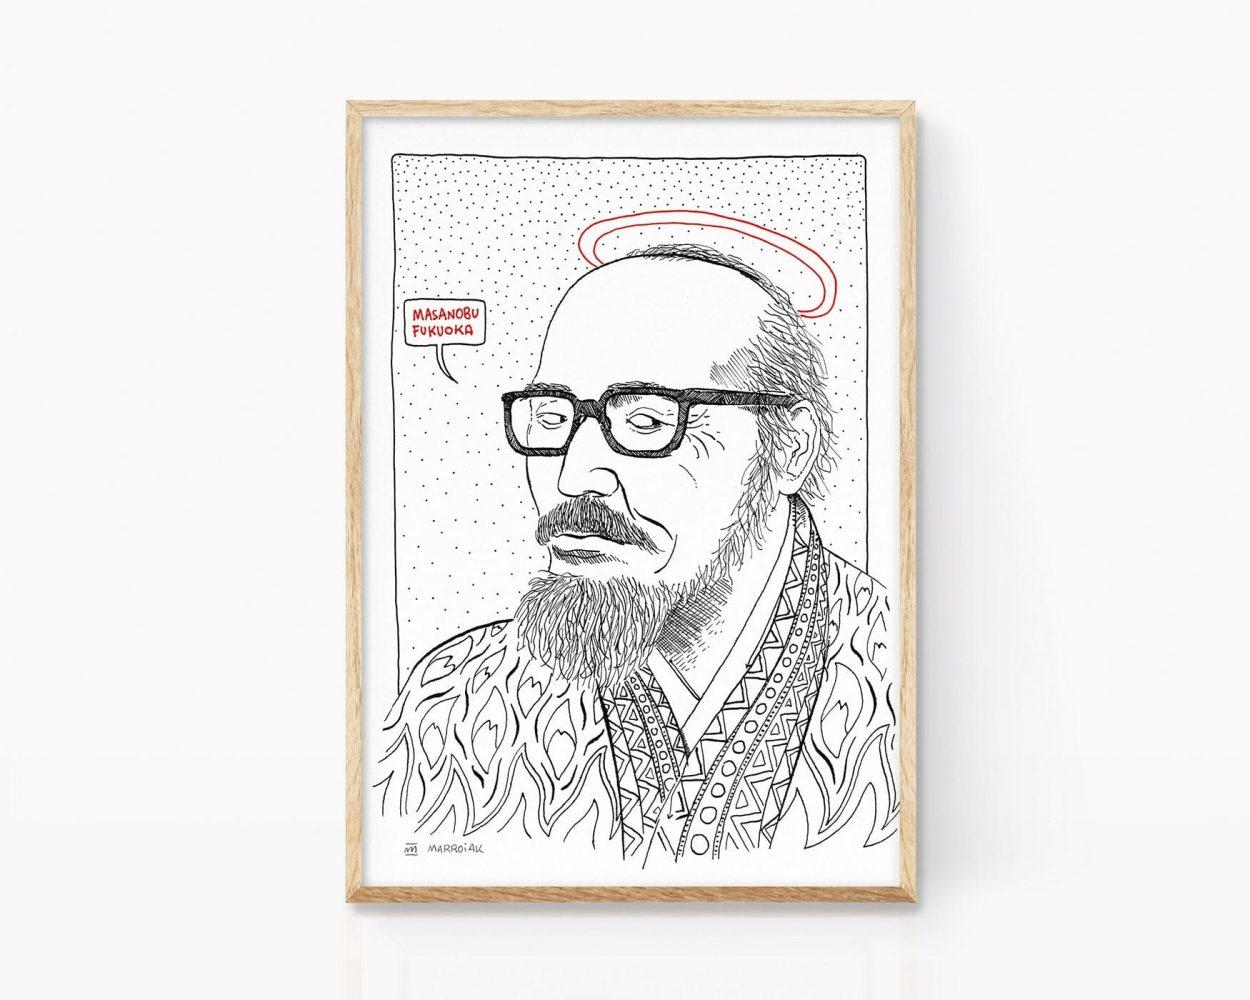 Ilustración retrato masanobu fukuoka. Agricultor japonés permacultura. Dibujo en blanco y negro